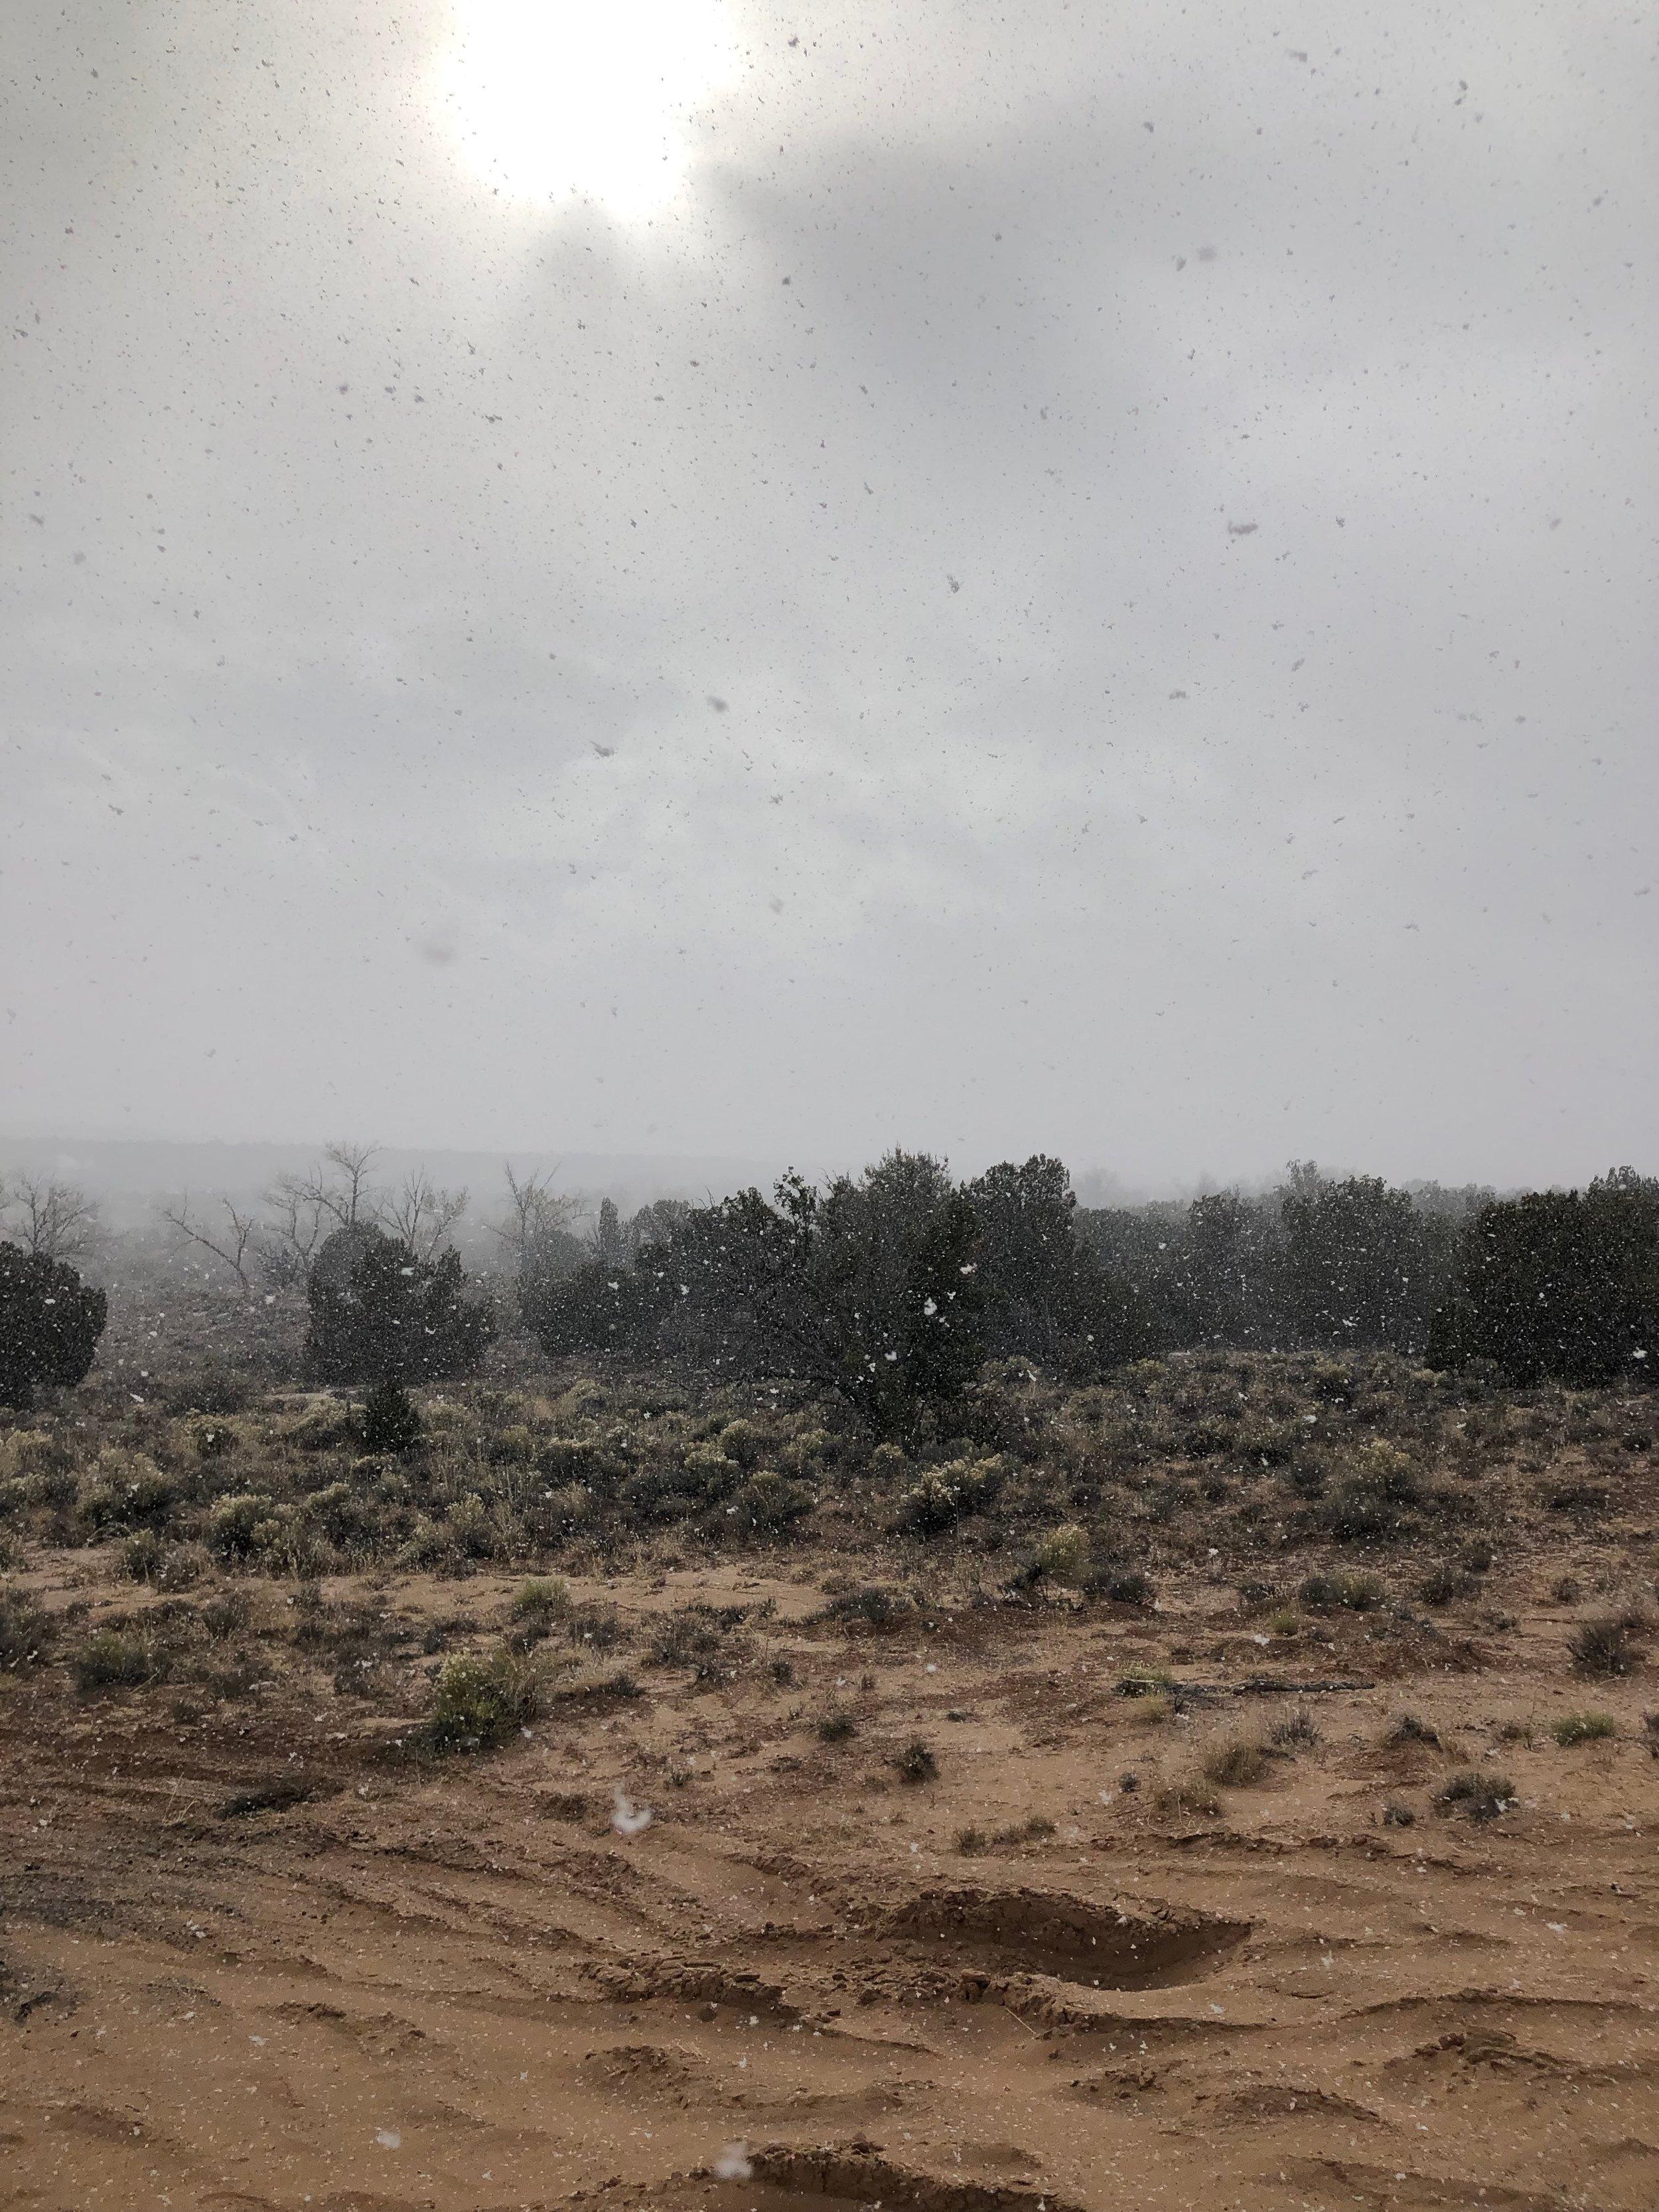 snowstorm in abiquiu